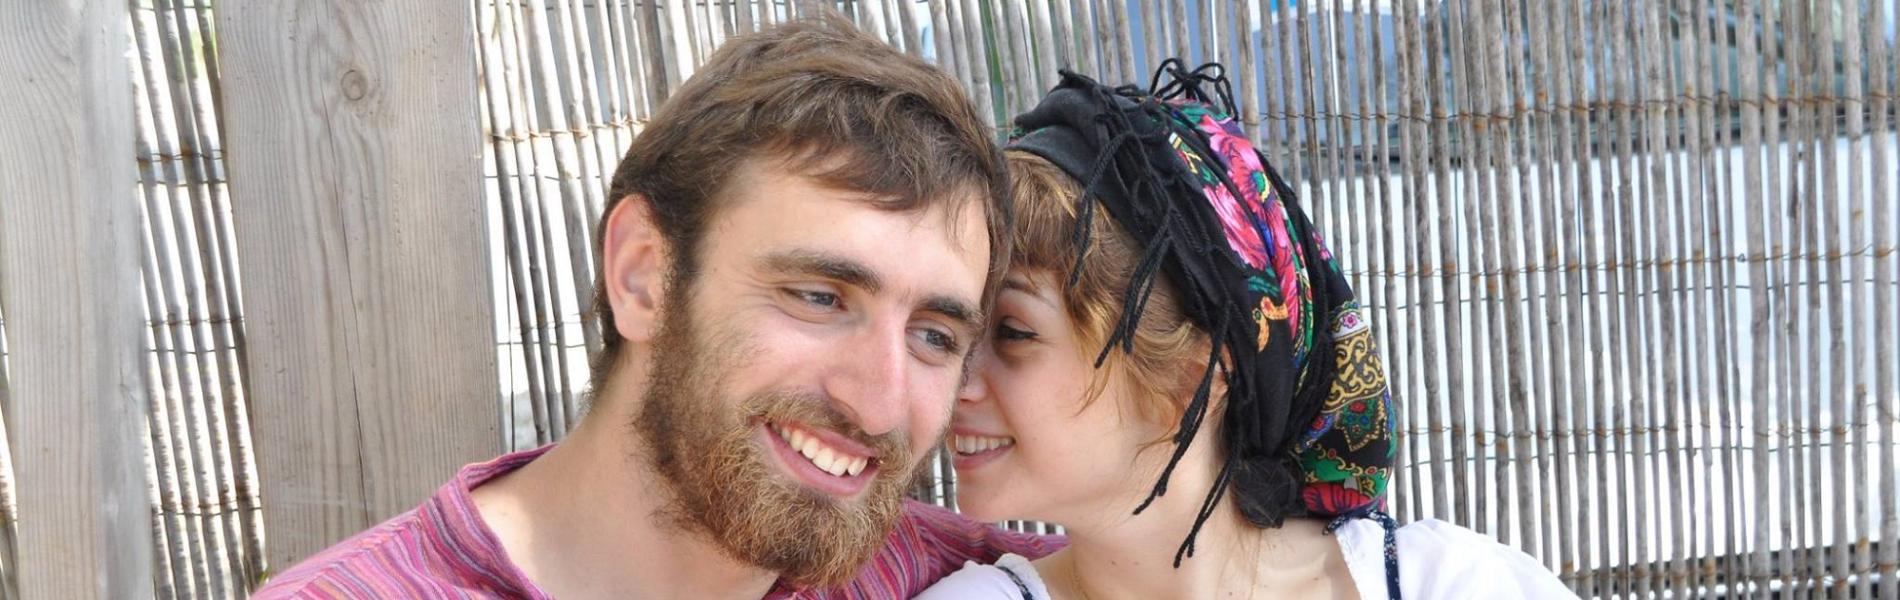 היא דתייה, הוא חילוני: זוגות מעורבים מספרים איך שורדים למרות תפיסת החיים השונה